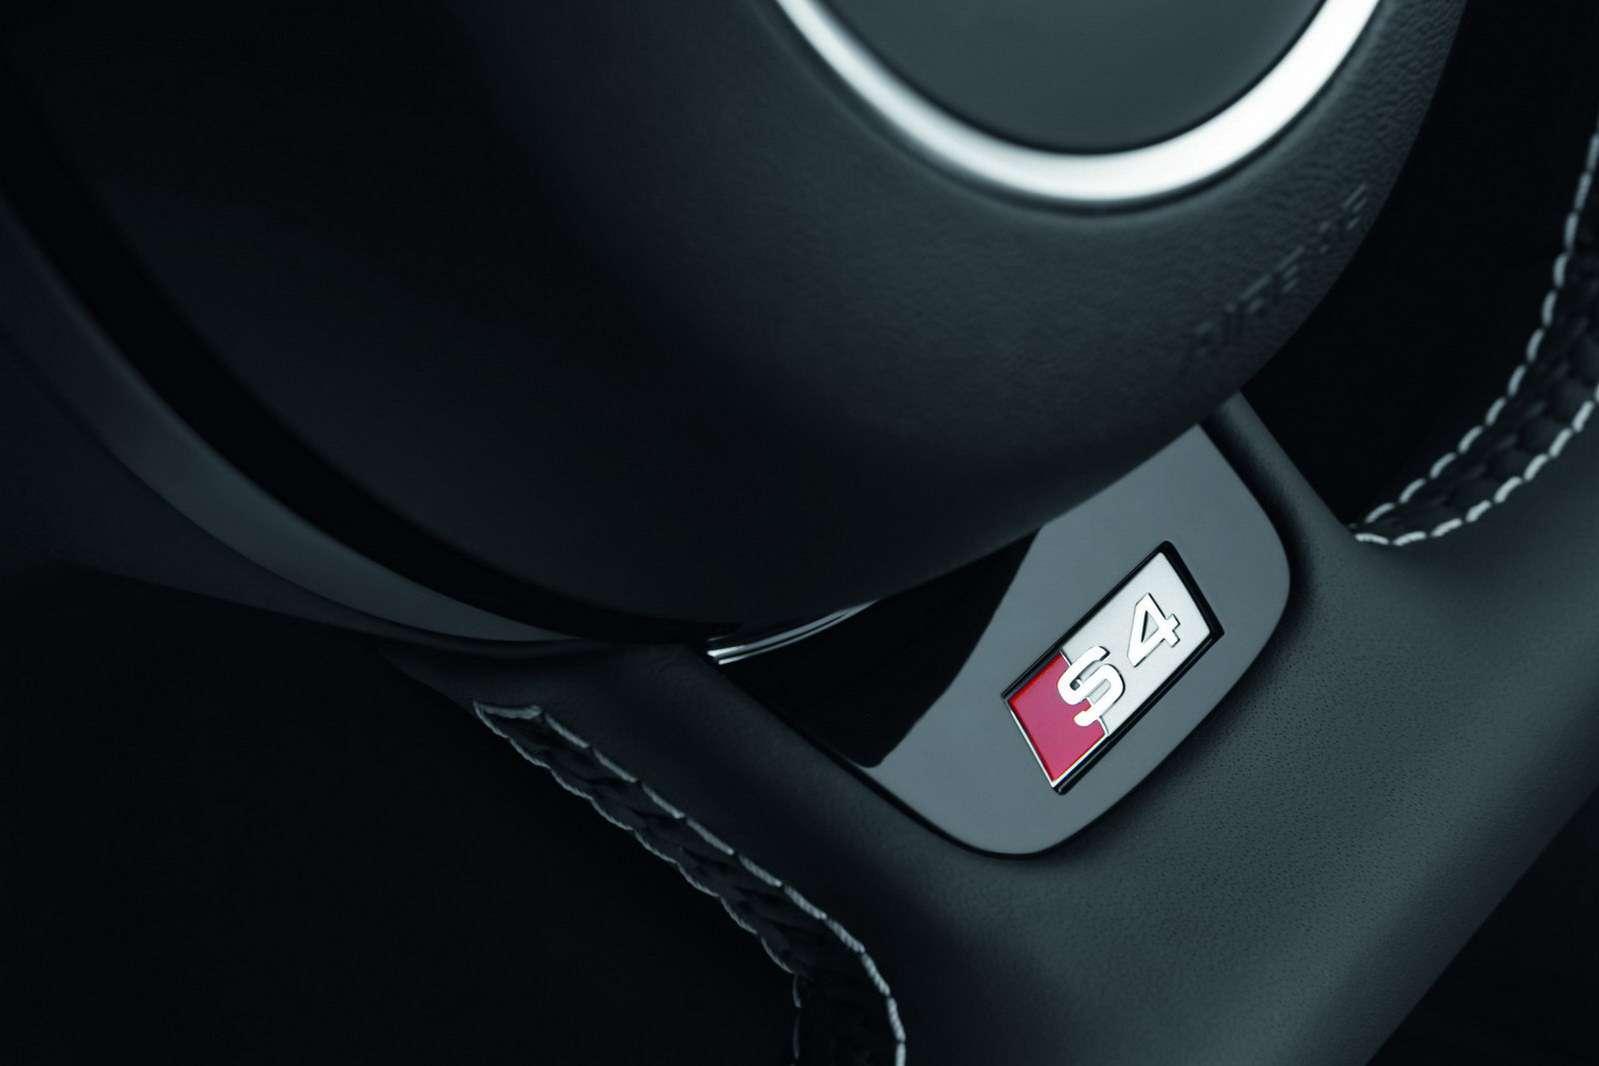 Audi A4 S4 2013 MY fot pazdziernik 2011